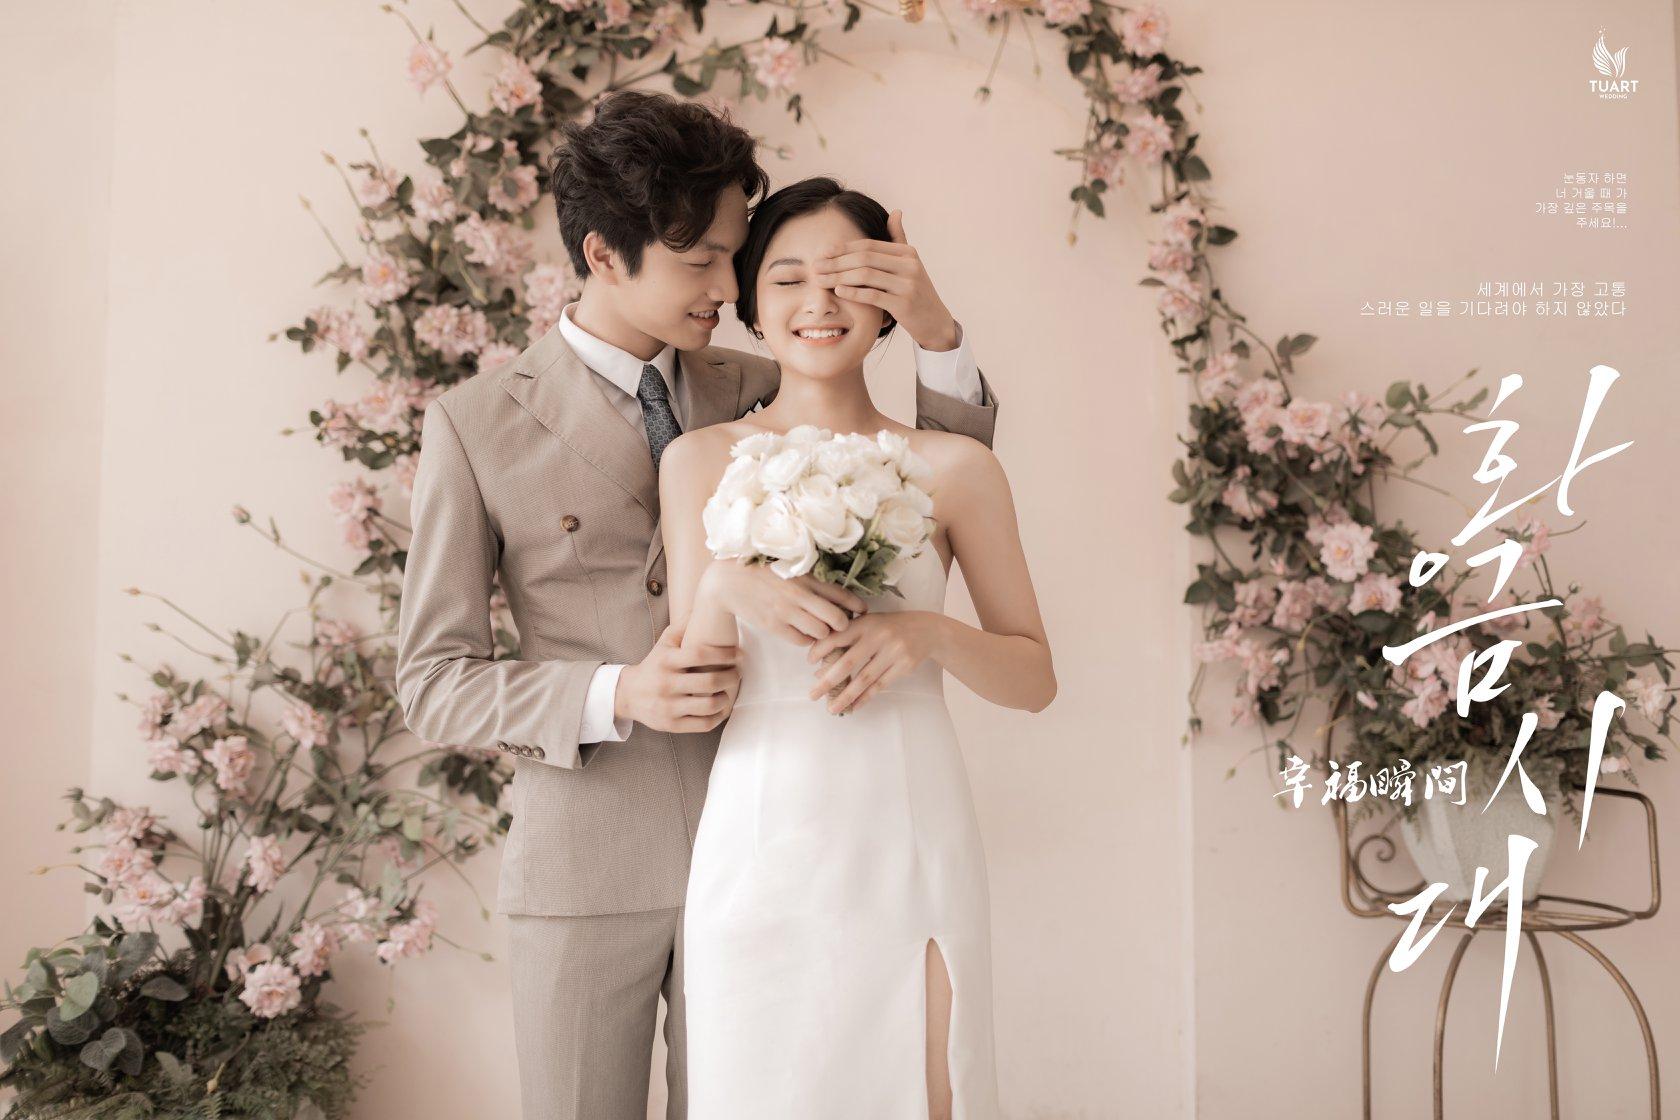 Album tại TuArt - Album chụp ảnh cưới đẹp phong cách Hàn Quốc 14